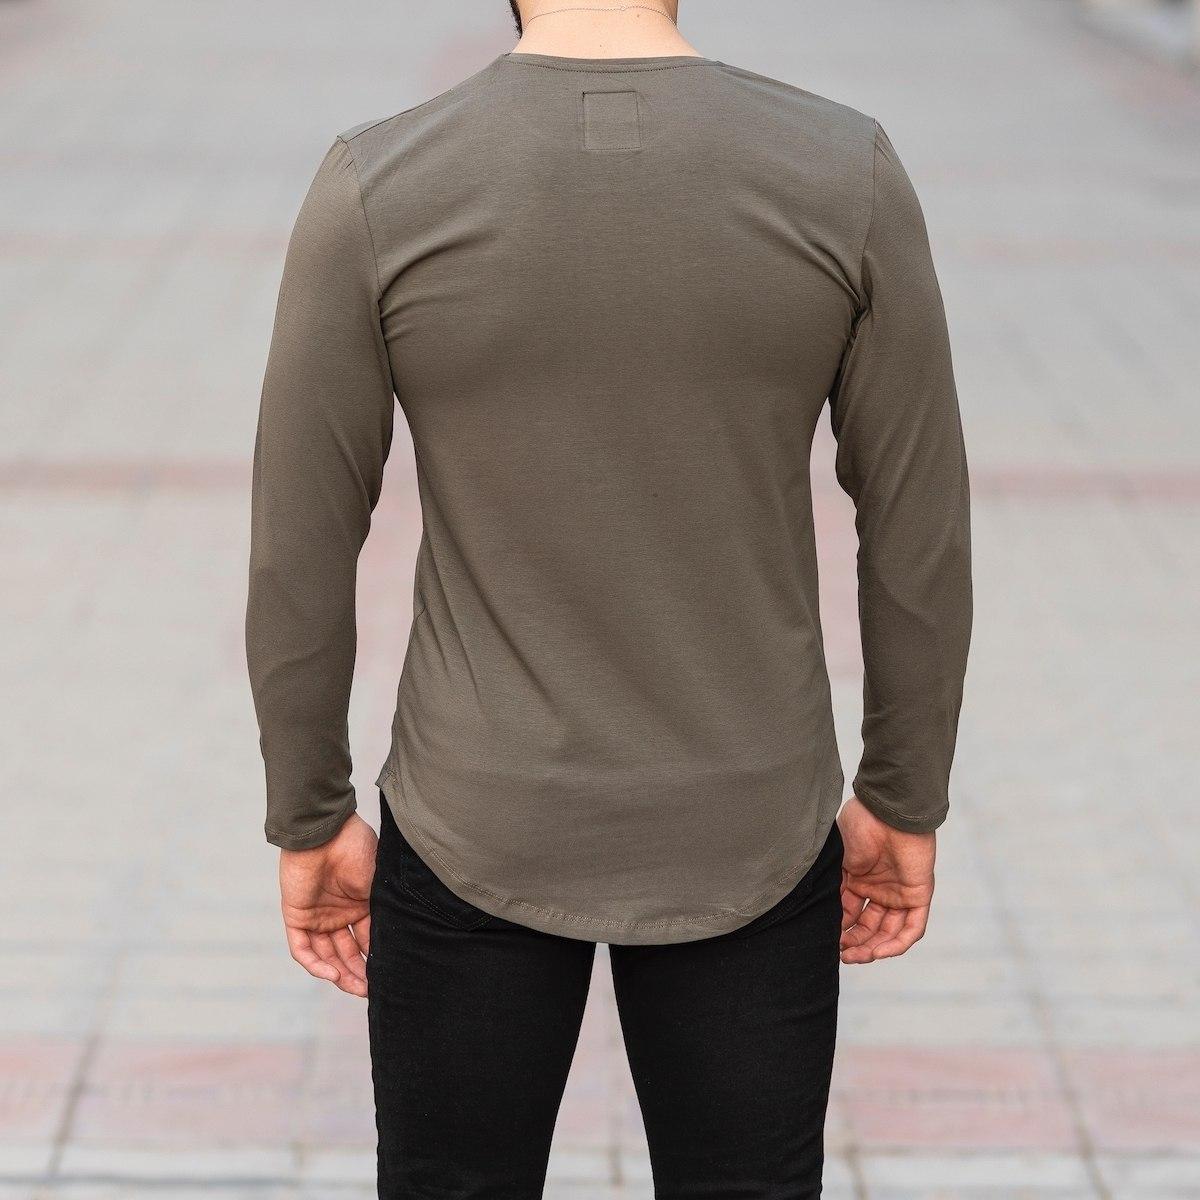 Basic Sweatshirt In Khaki Mv Premium Brand - 4